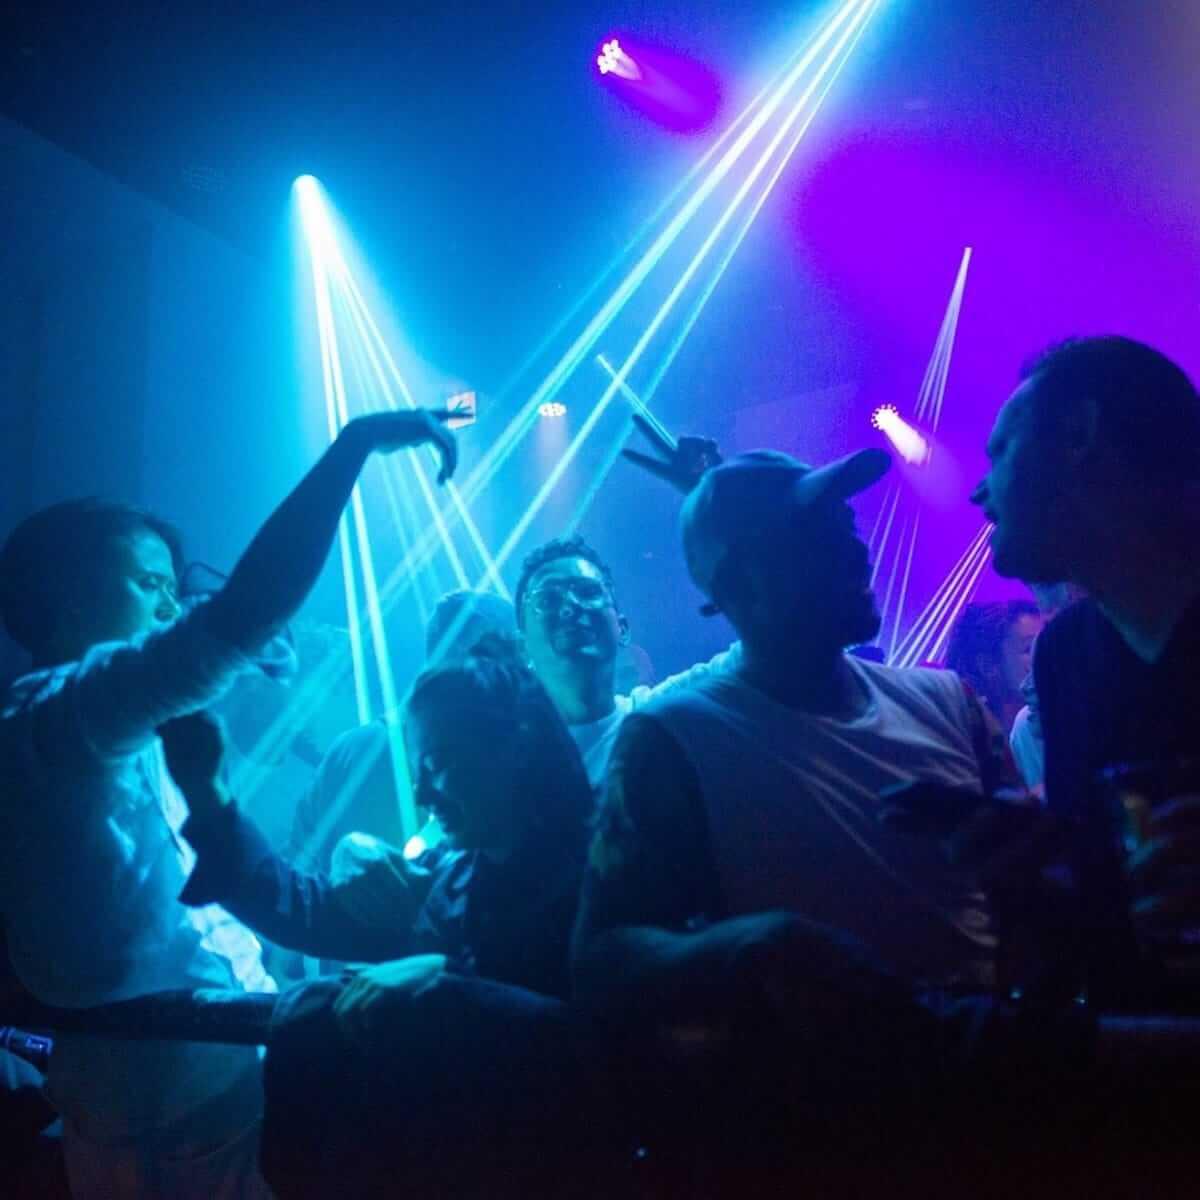 【特集】VakulaやHunee、Tom Tragoを招聘するパーティー「Kewl」をご存知だろうか? music180630_kewl_10-1200x1200